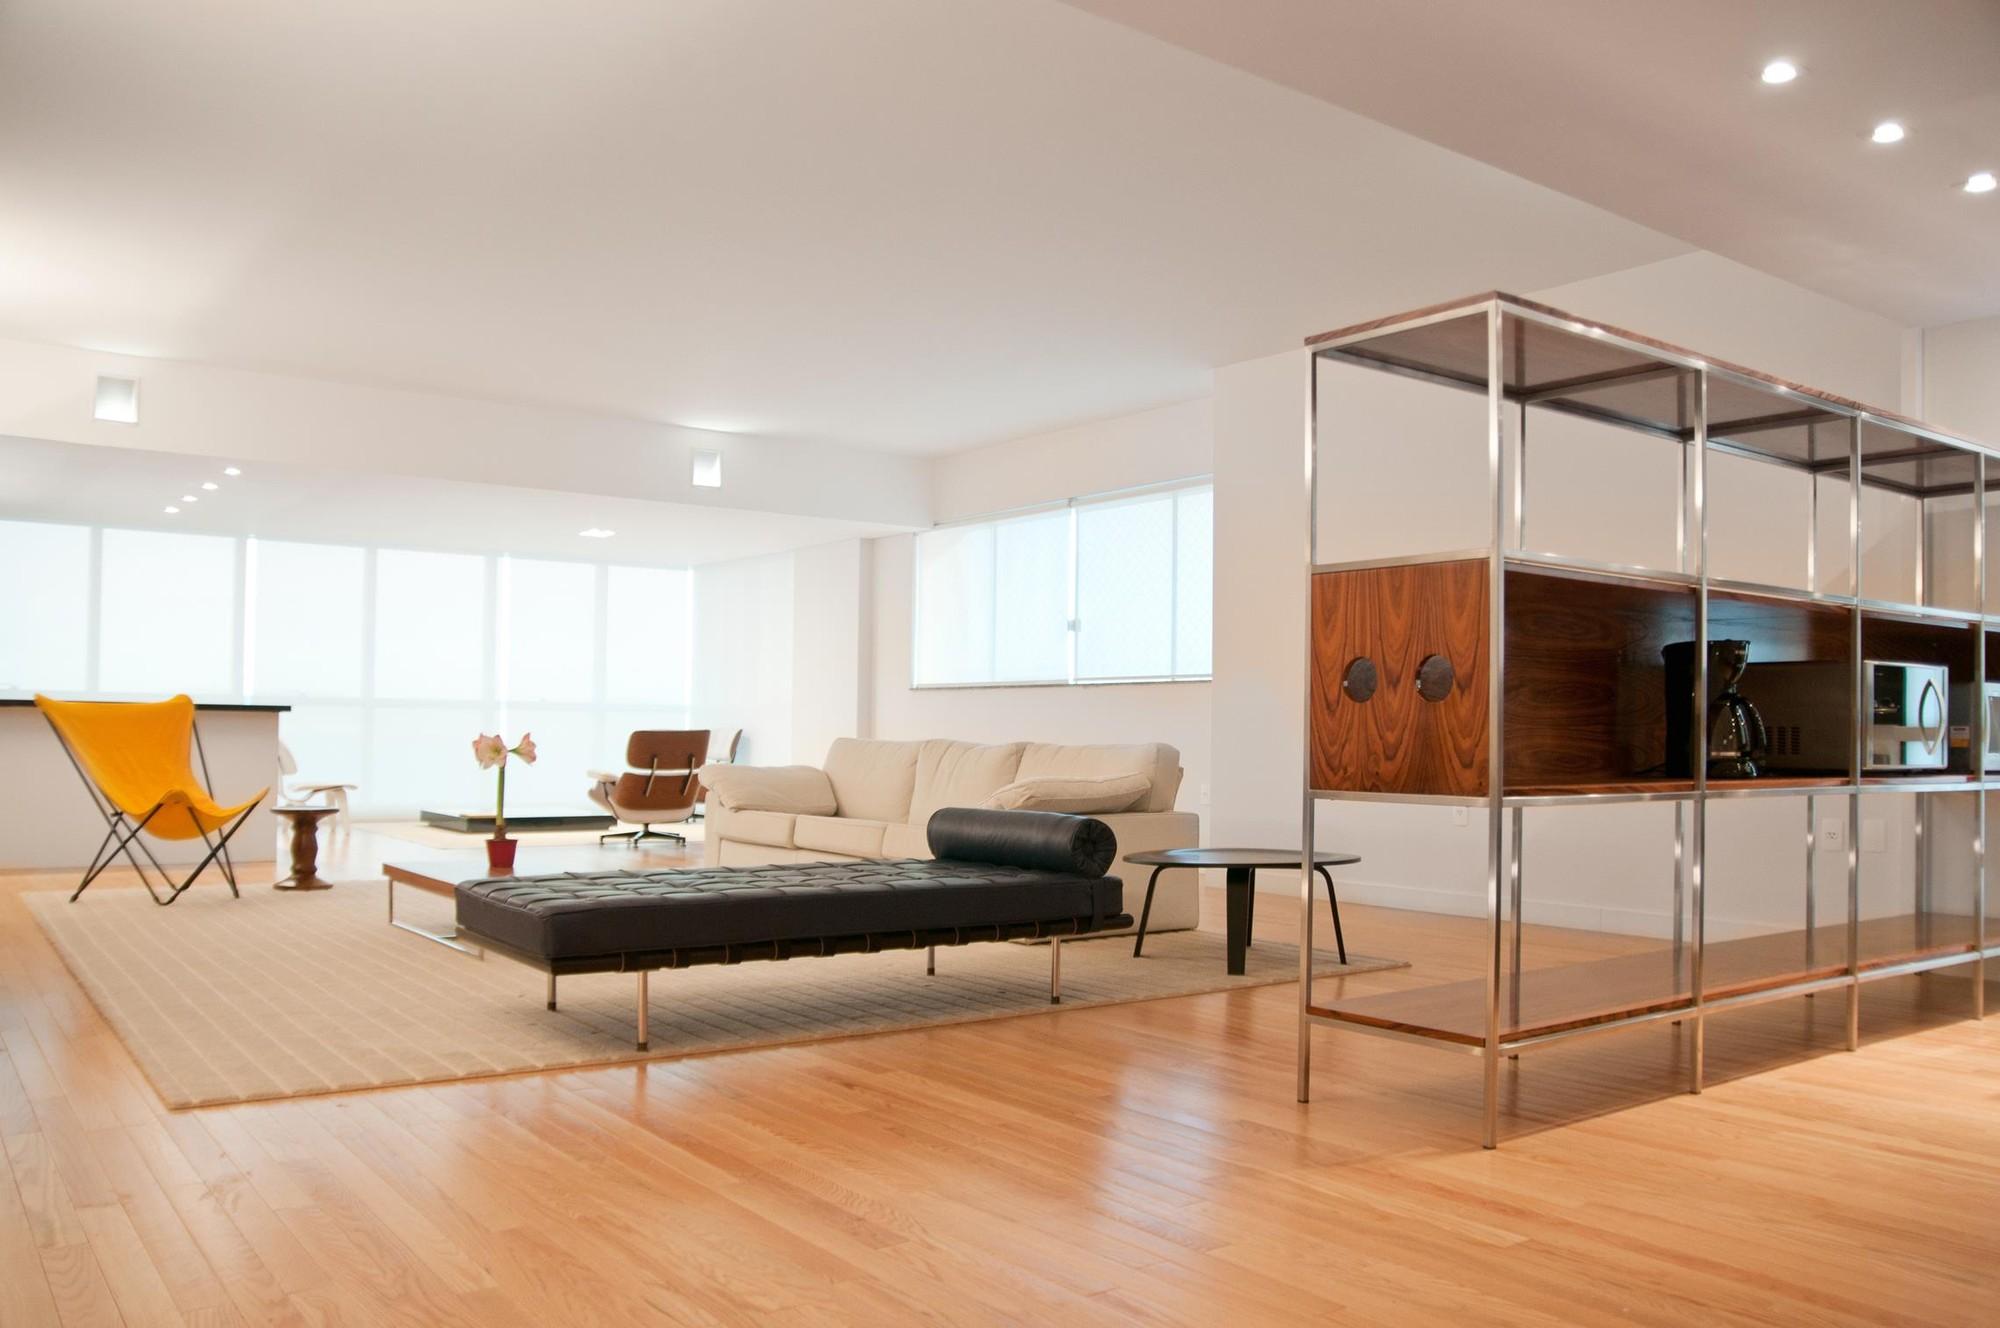 Apartamento Itapema / Mário Sampaio, © Laura Heinz